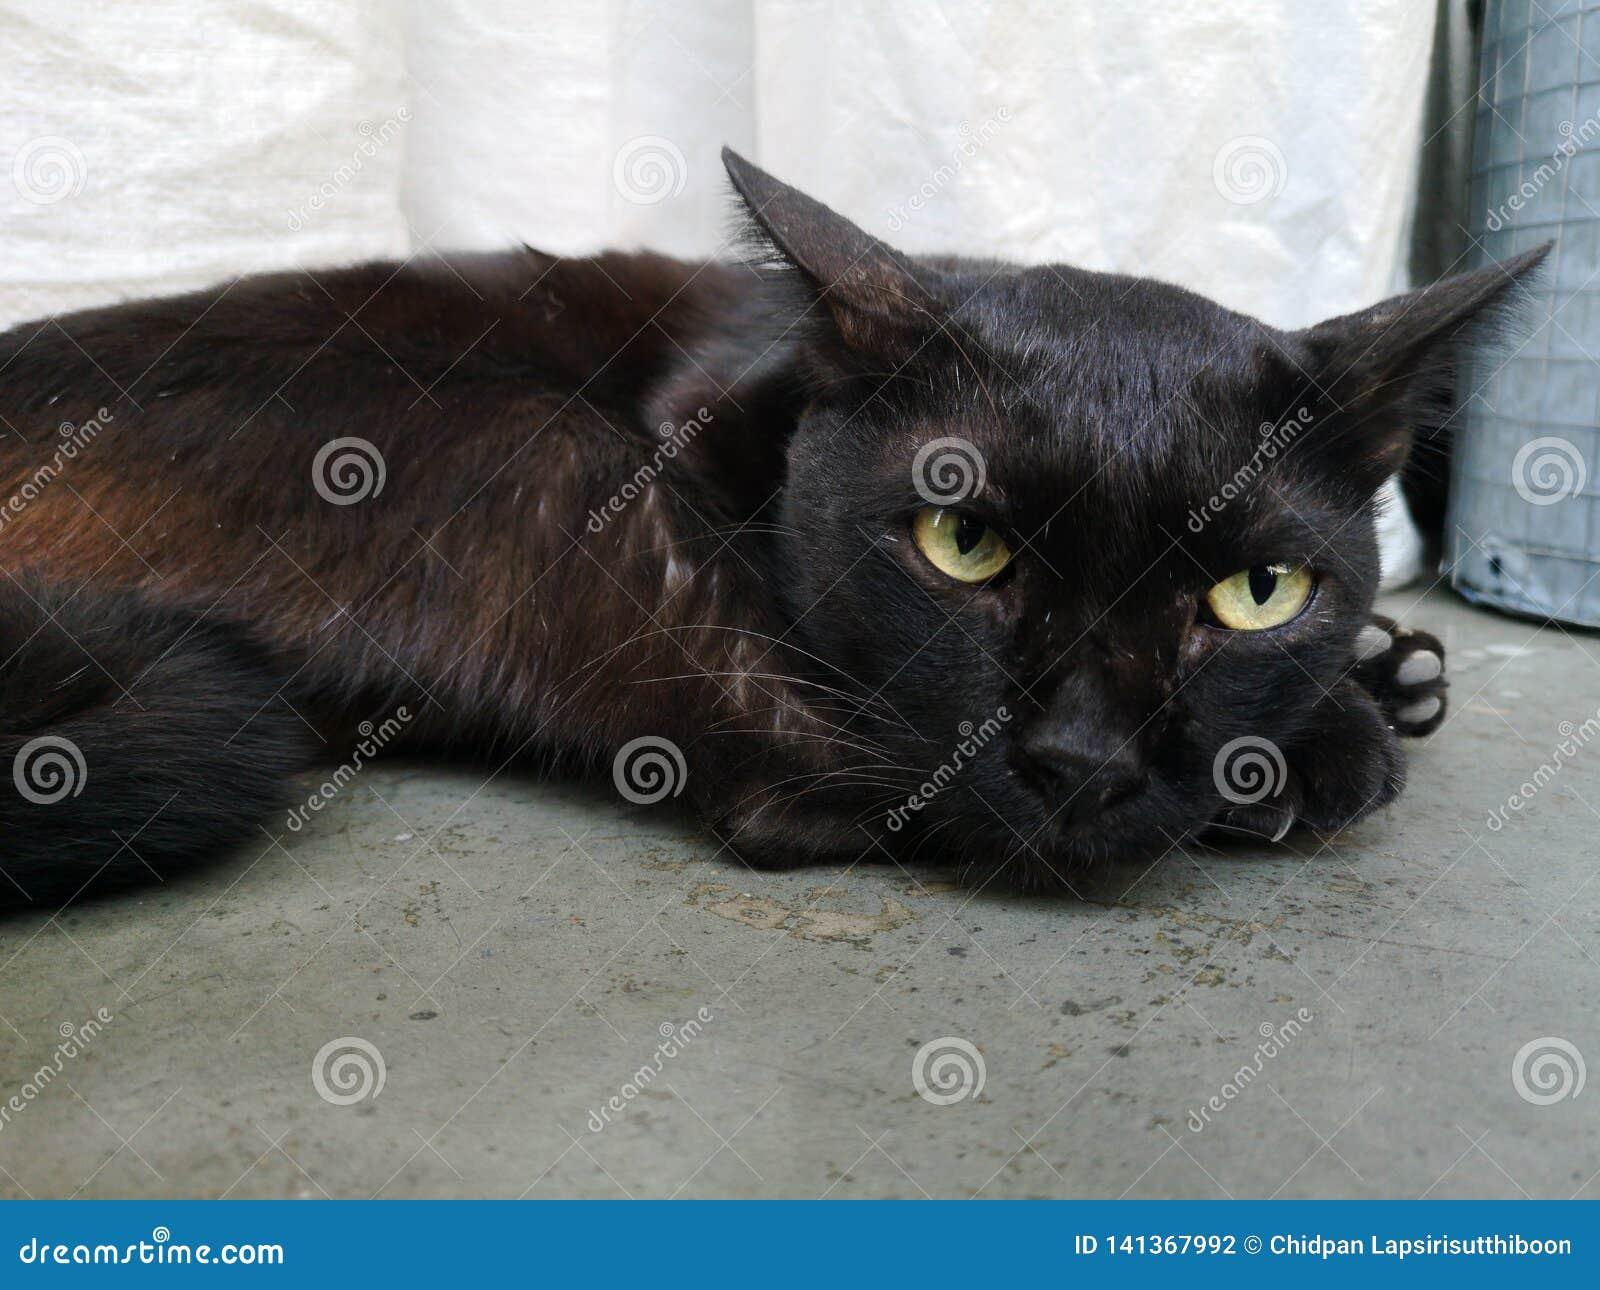 O gato novo do  do ¹ do à tem o cabelo preto, encontrando-se no assoalho concreto E olhando fixamente com olhos verdes